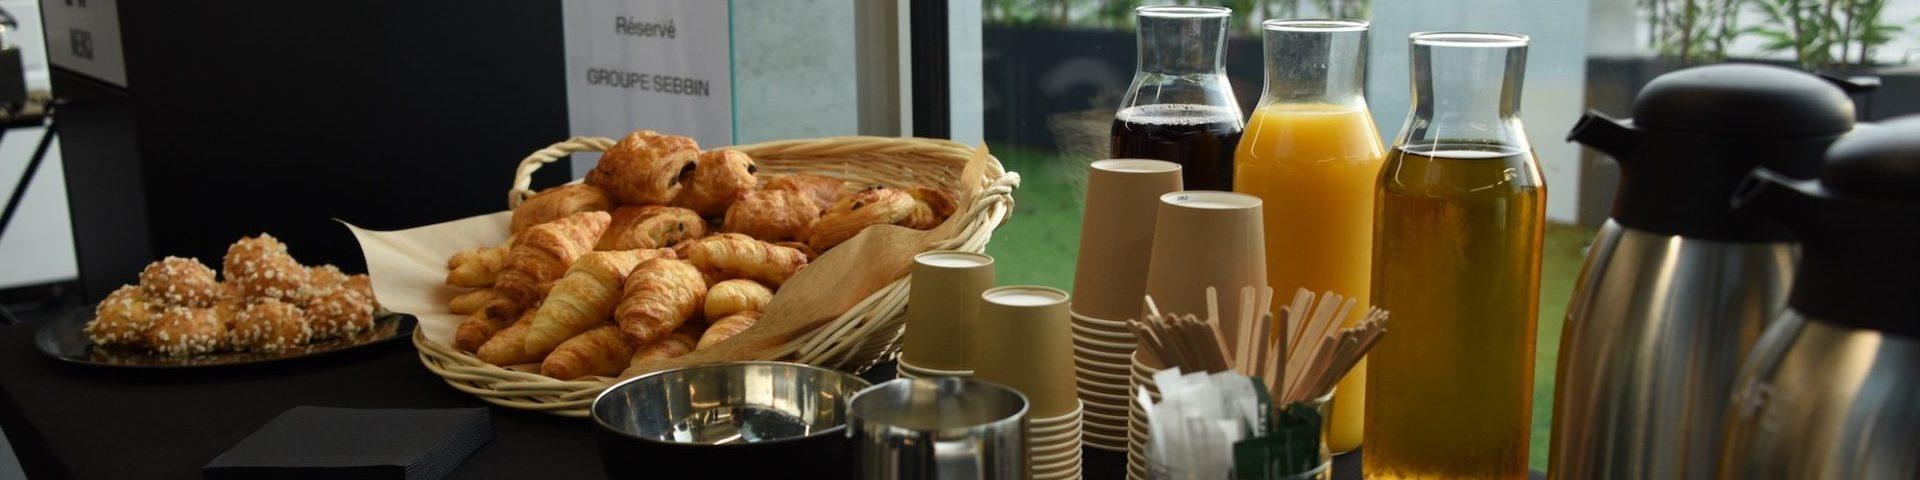 ZENeat Café, restauration et salle de conférence à Boissy l'Aillerie